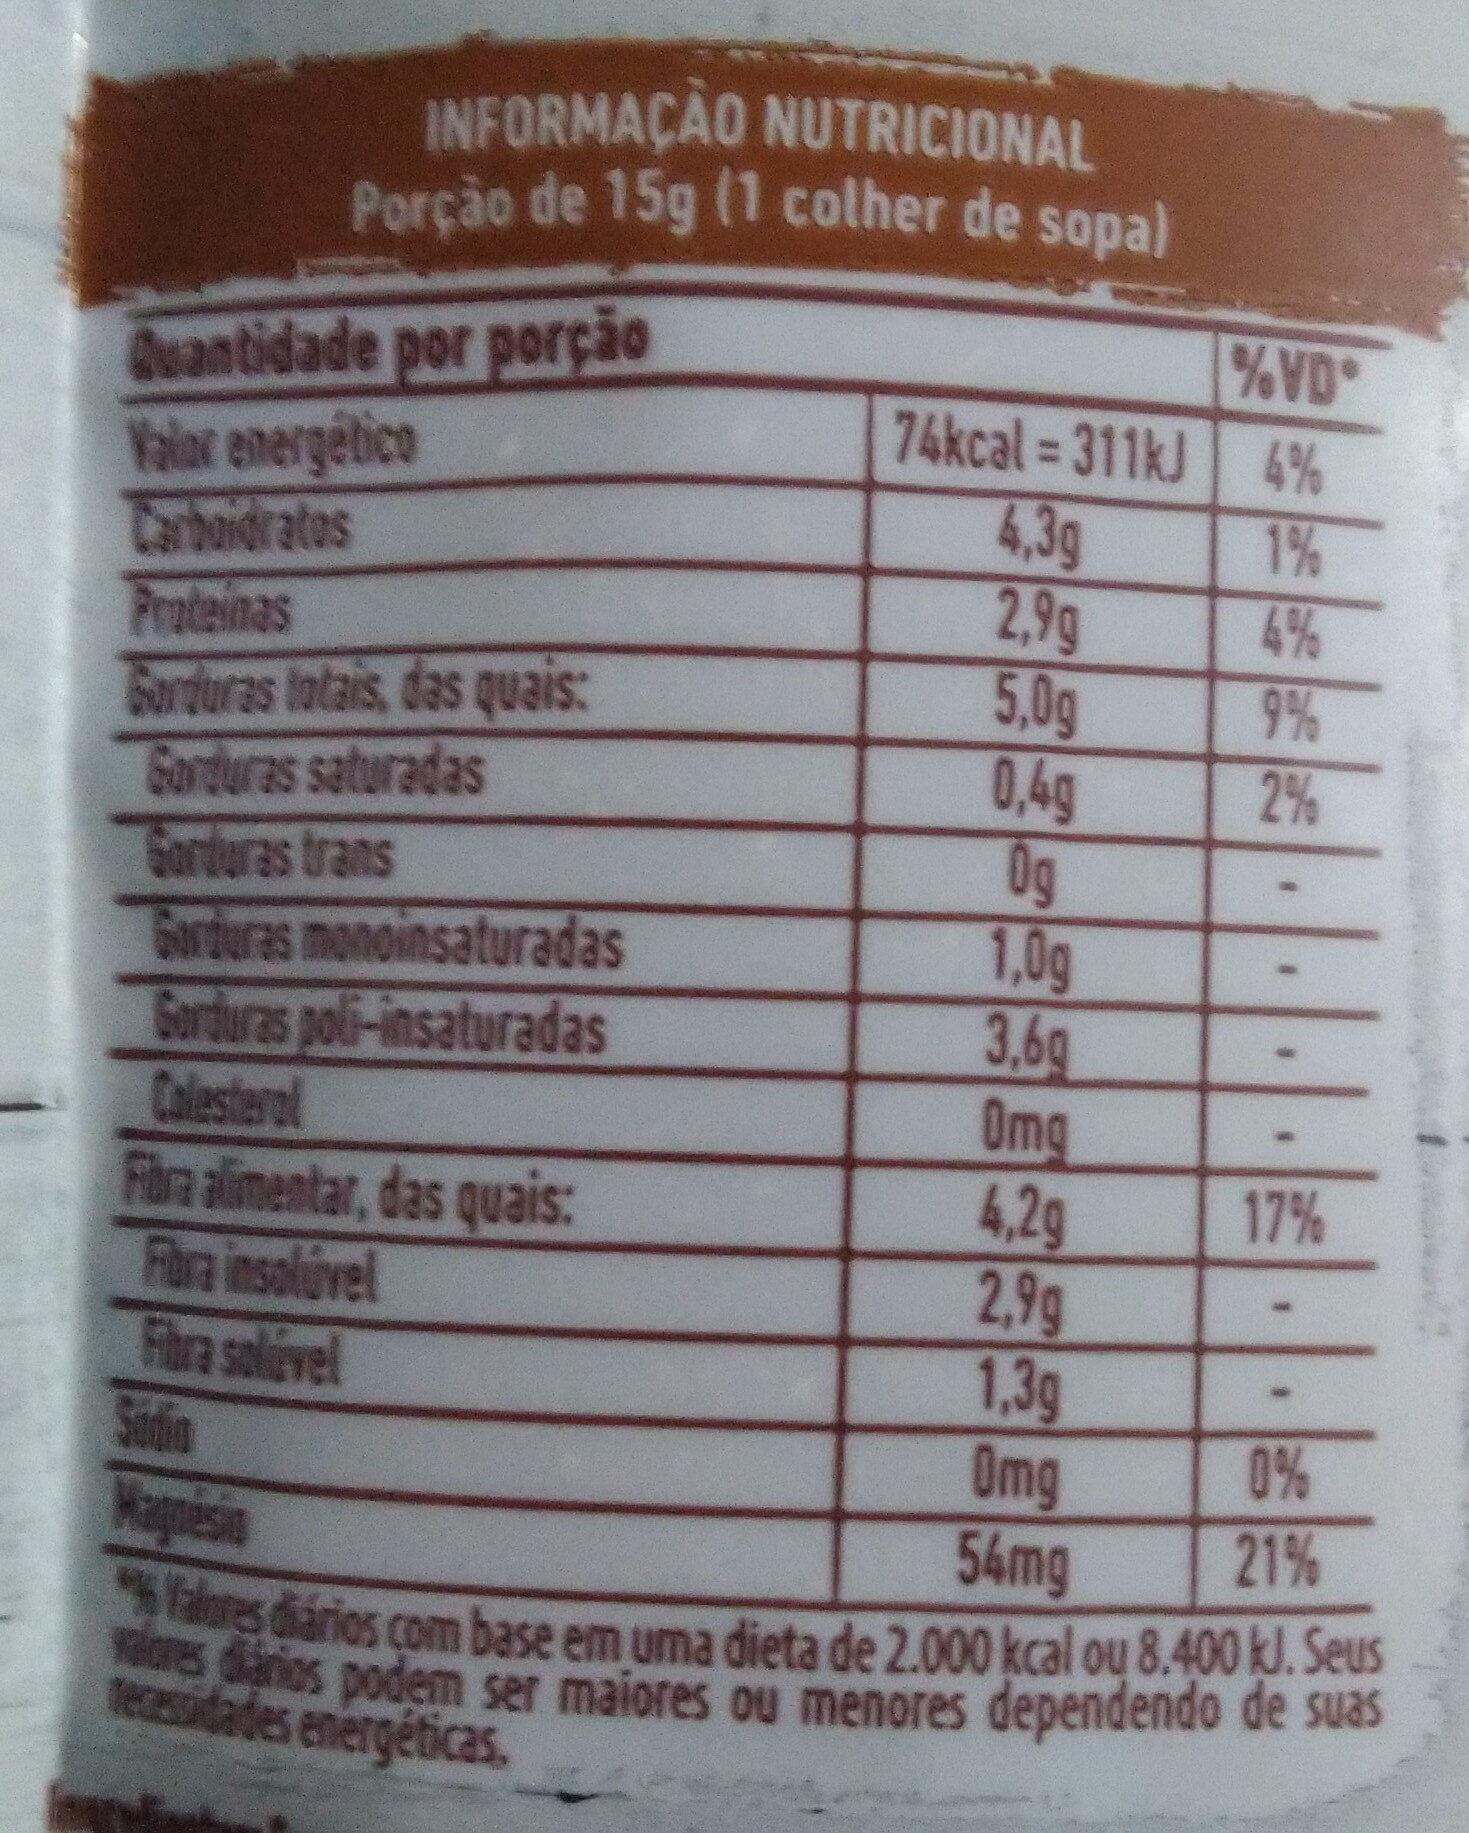 Linhaça marrom - Informação nutricional - pt